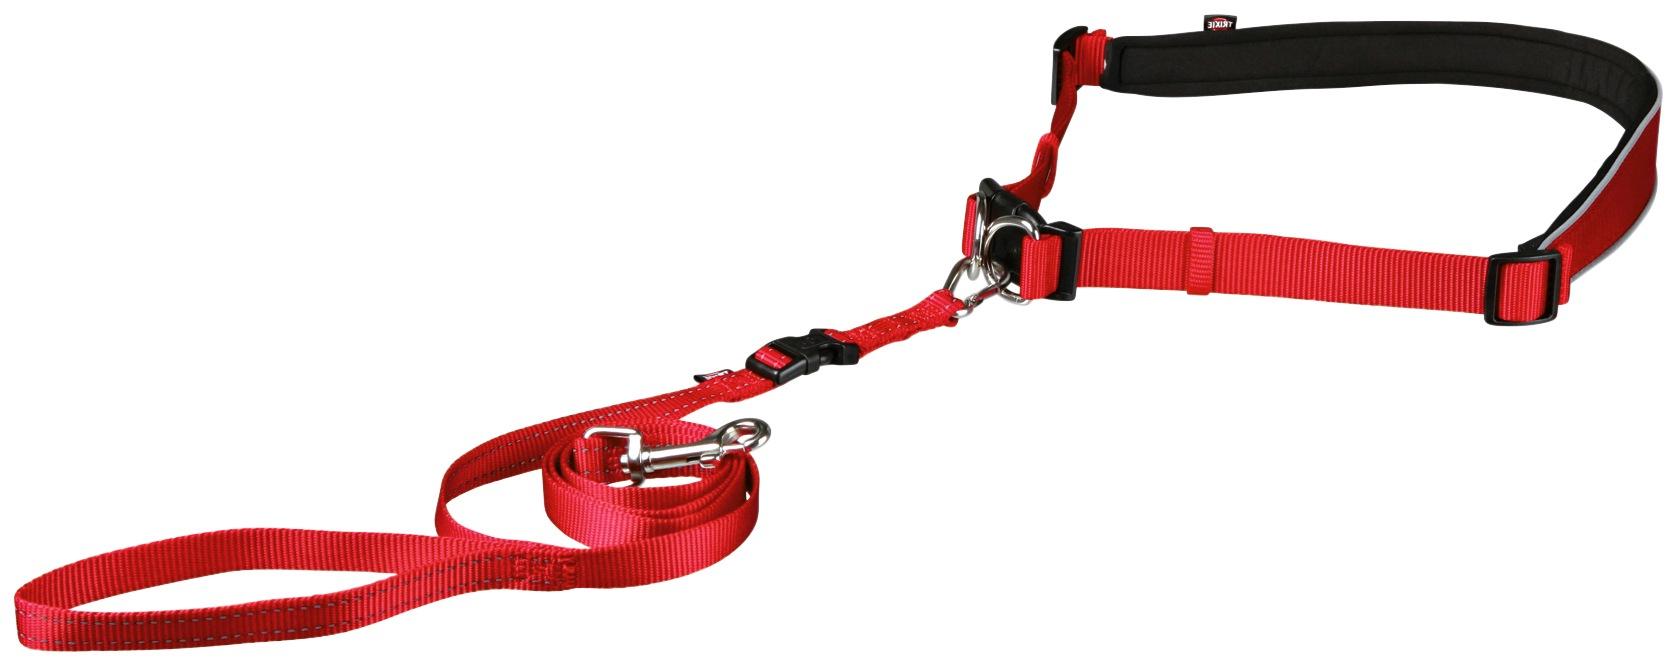 TRIXIE Hundeleine, mit Bauchgurt 60-130 cm, 1,2 Meter rot Hundeleinen Hund Tierbedarf Hundeleine